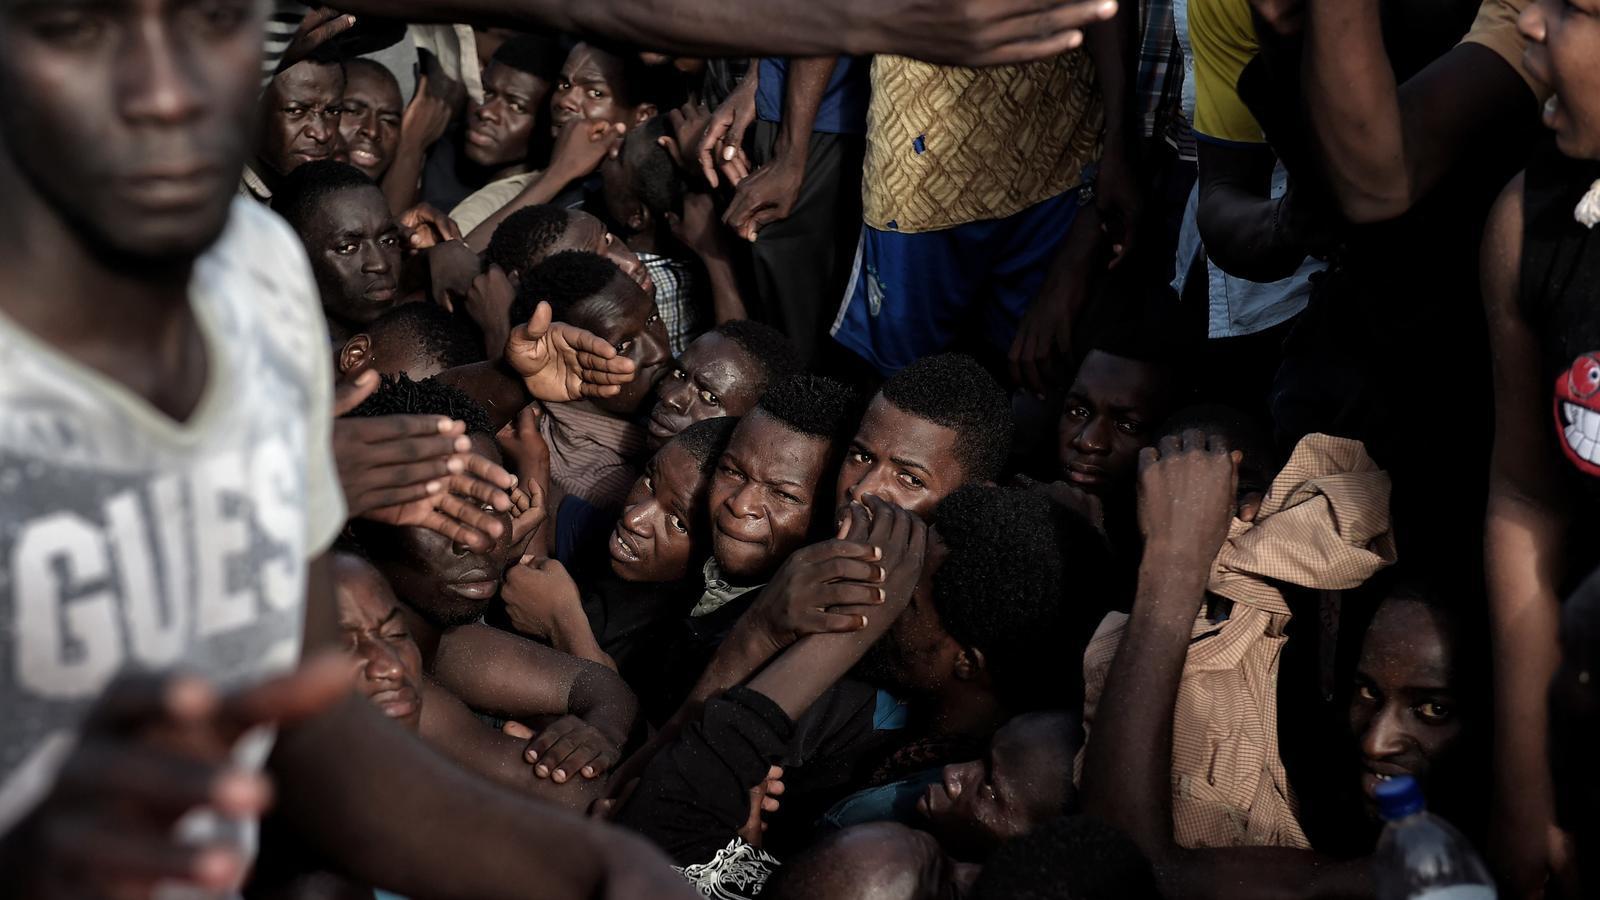 REFUGIADOS-UE II - Página 2 Rescat-dimmigrants-pastera-davant-Libia_1662443859_34457160_651x426